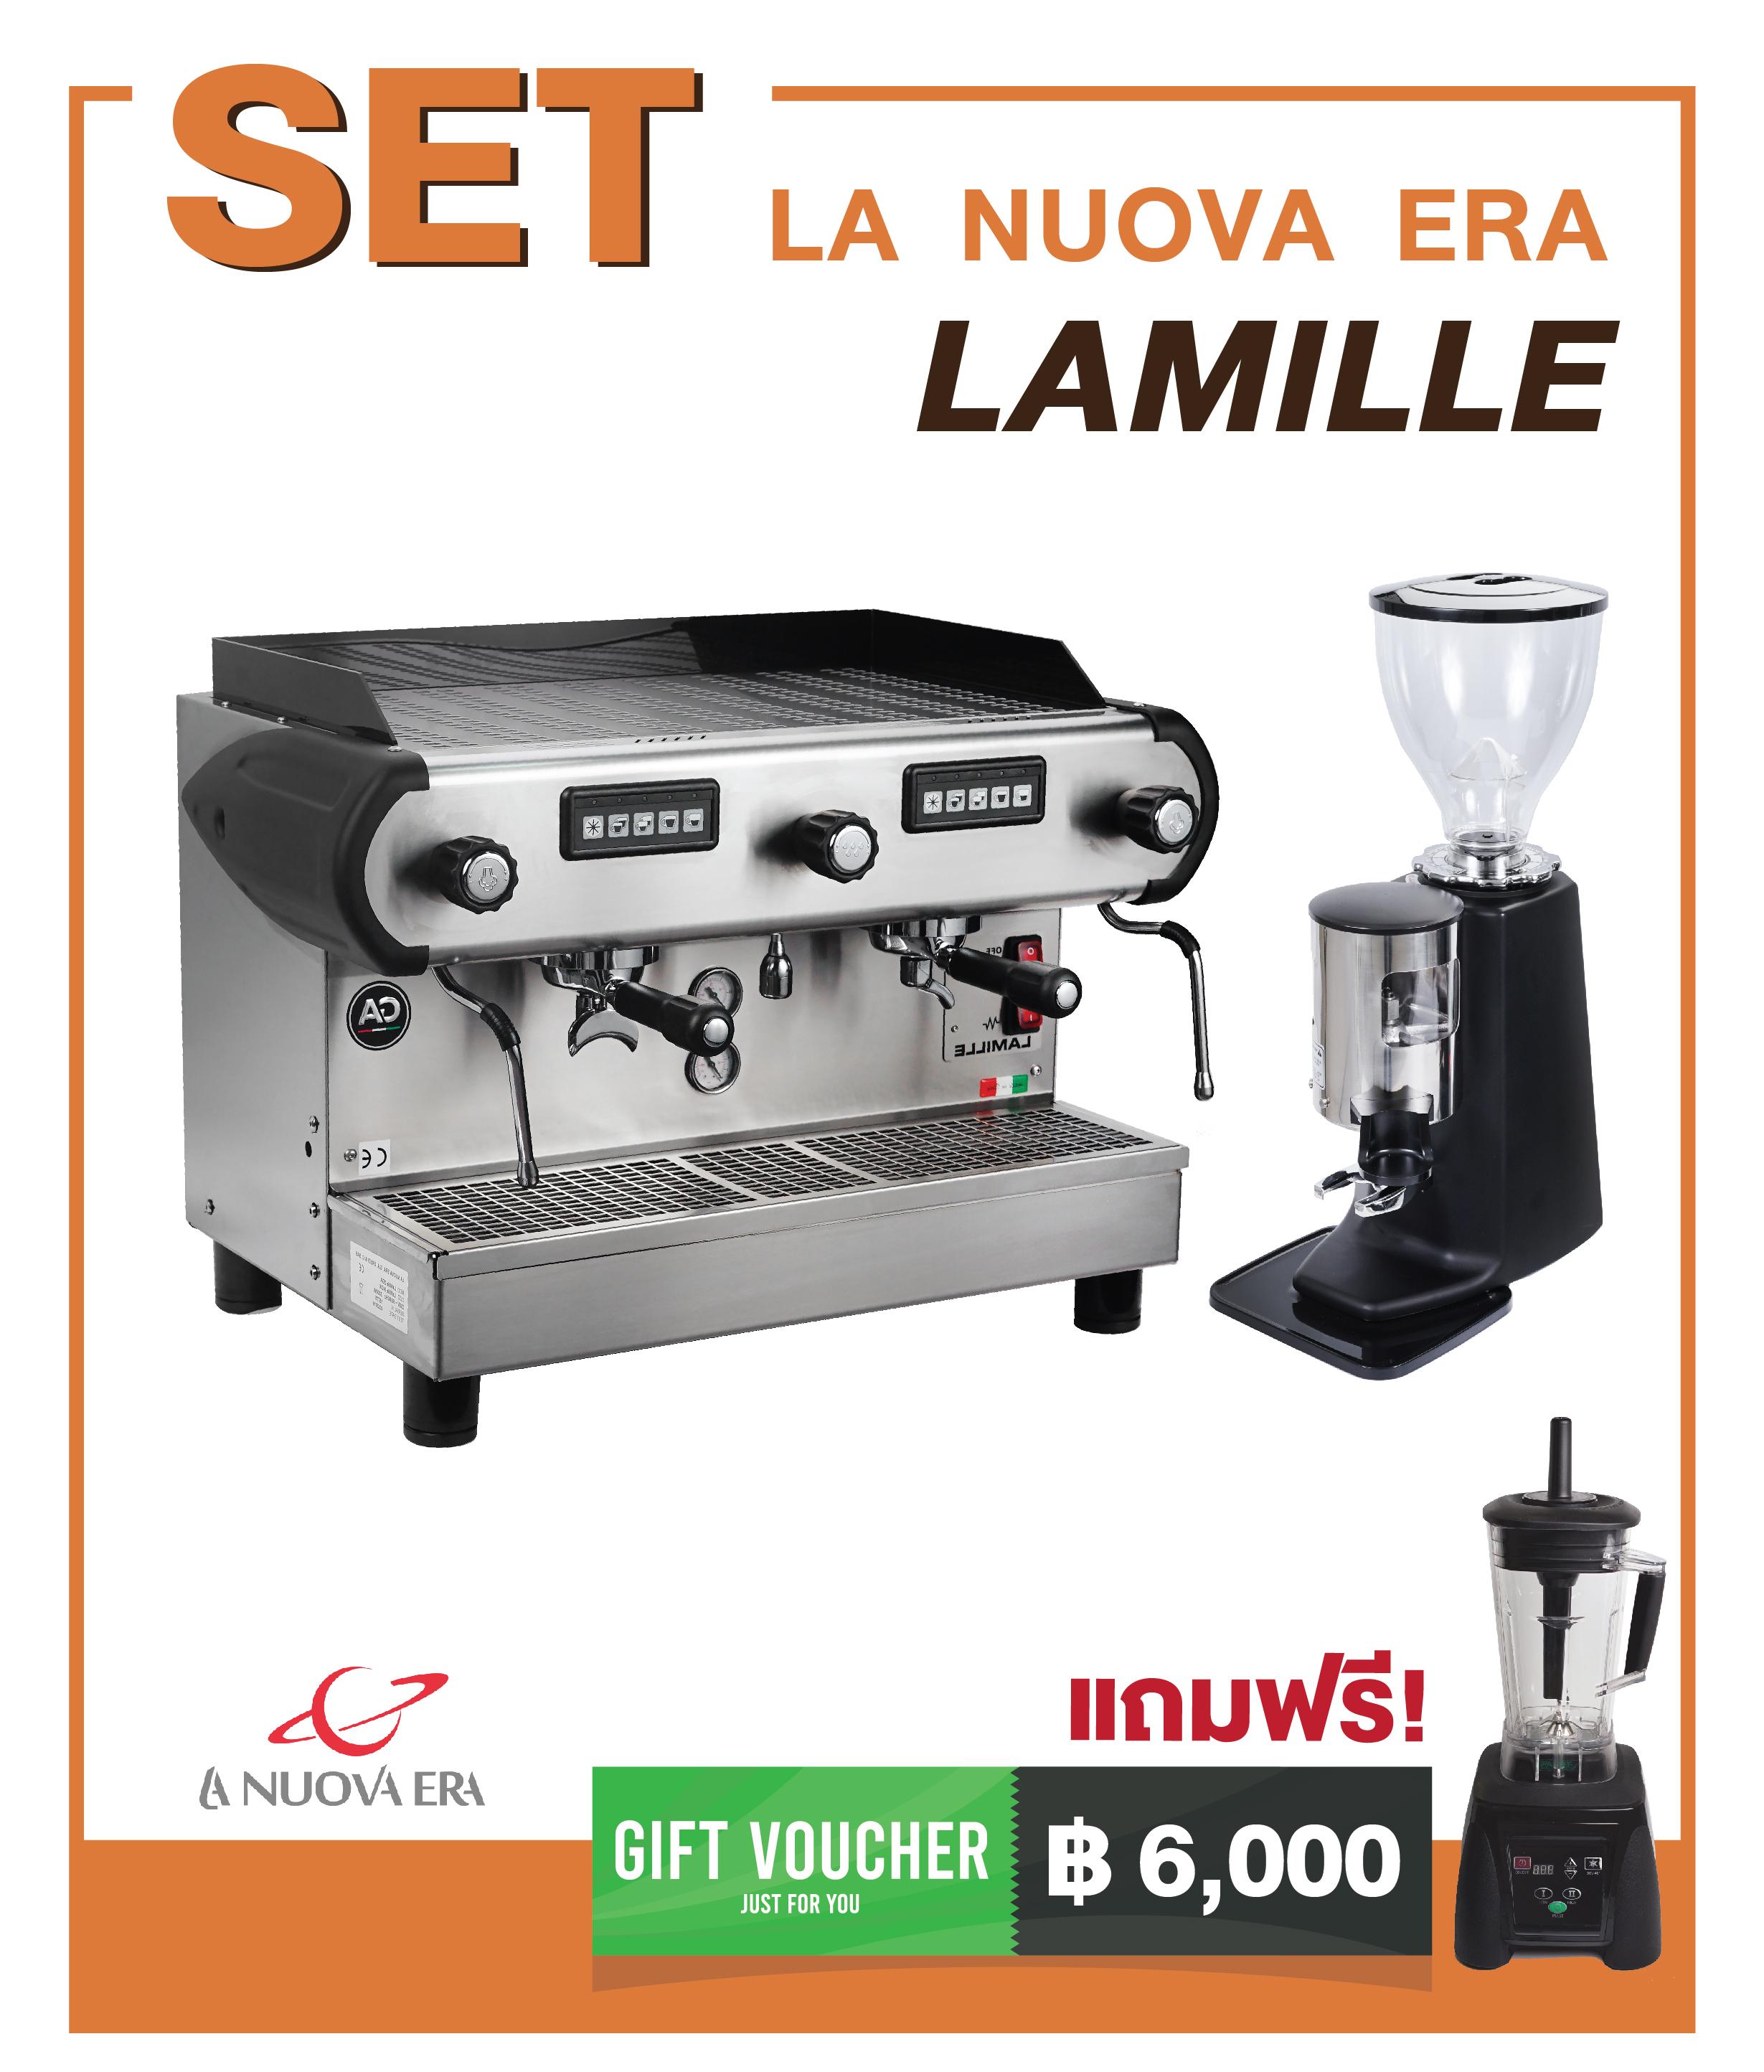 เครื่องชงกาแฟ La Nuova Era : La Mille + เครื่องบดกาแฟ MACINA : T1